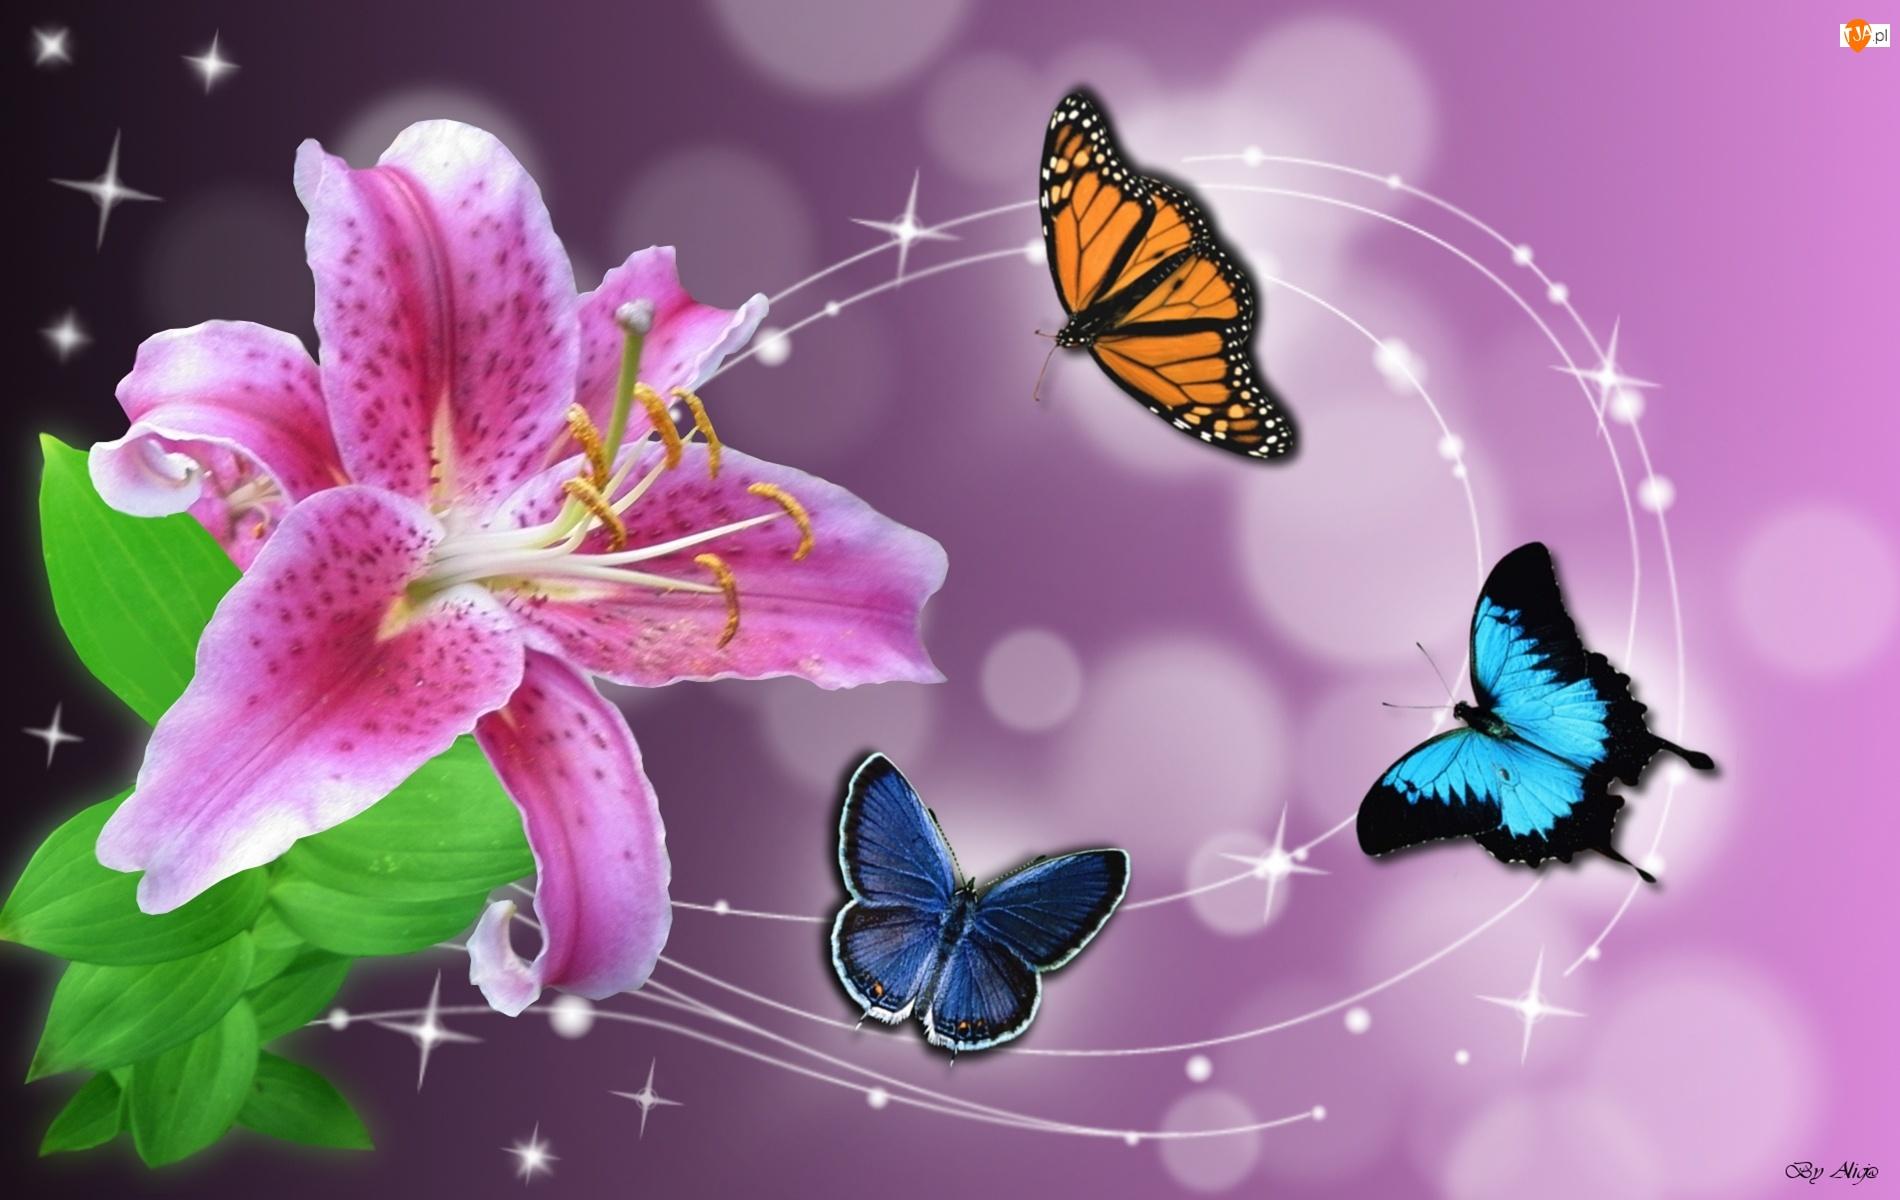 Motyle, Różowa, Lilia